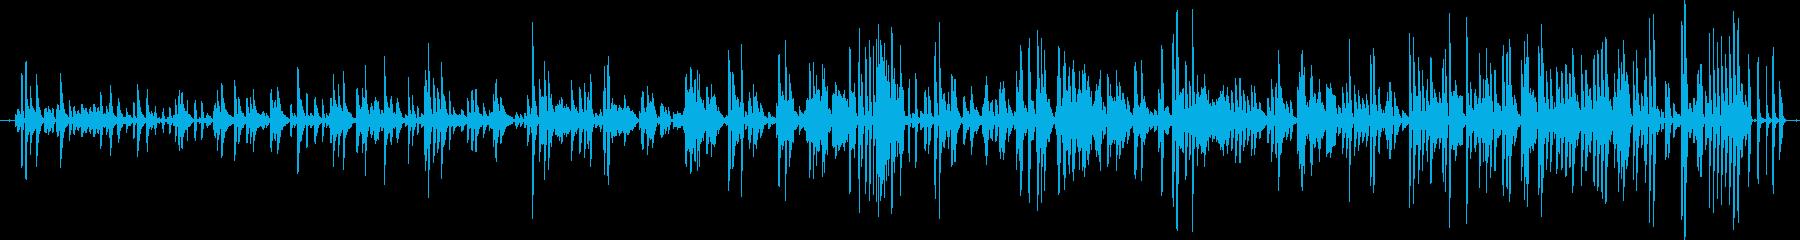 50年代風ソロジャズピアノの再生済みの波形